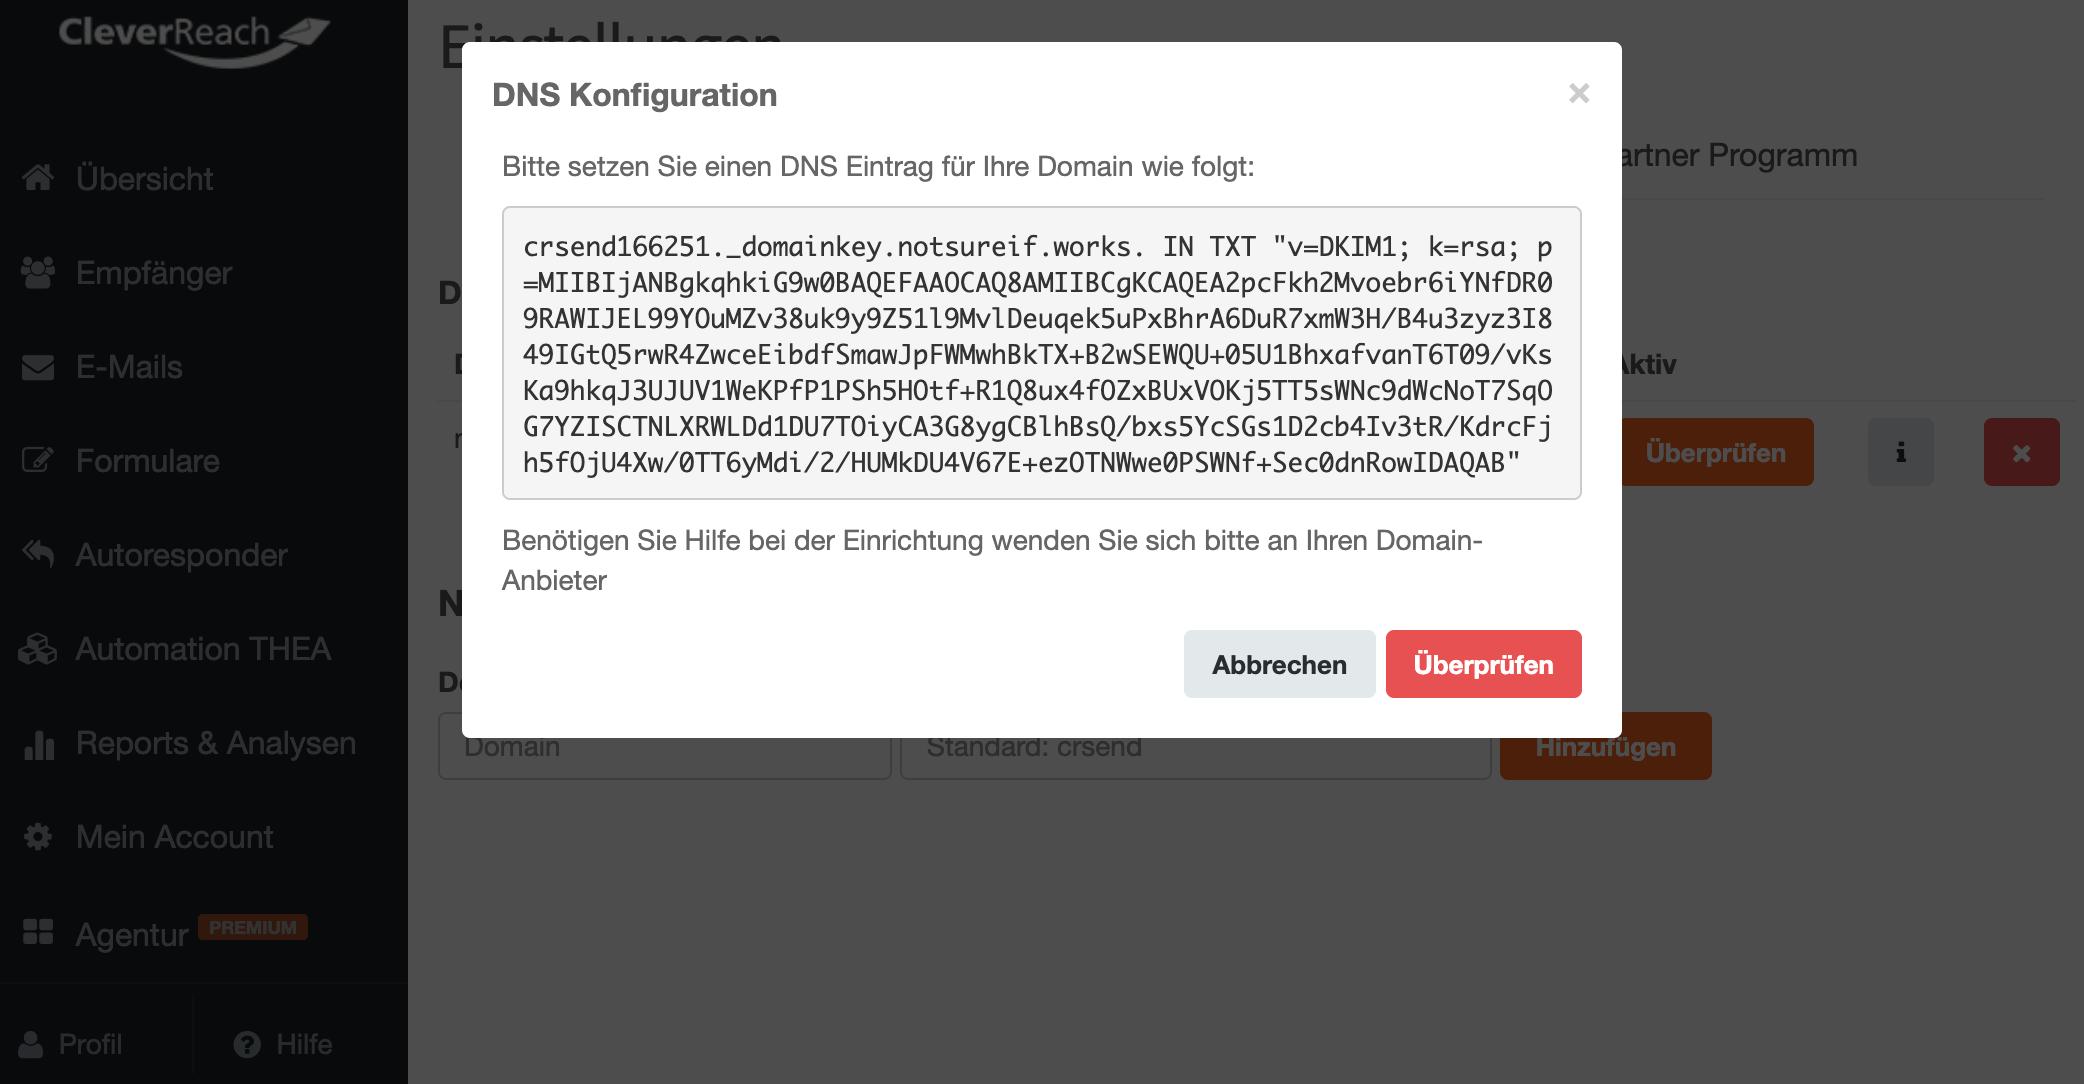 DKIM_DNS Eintrag_hinterlegen